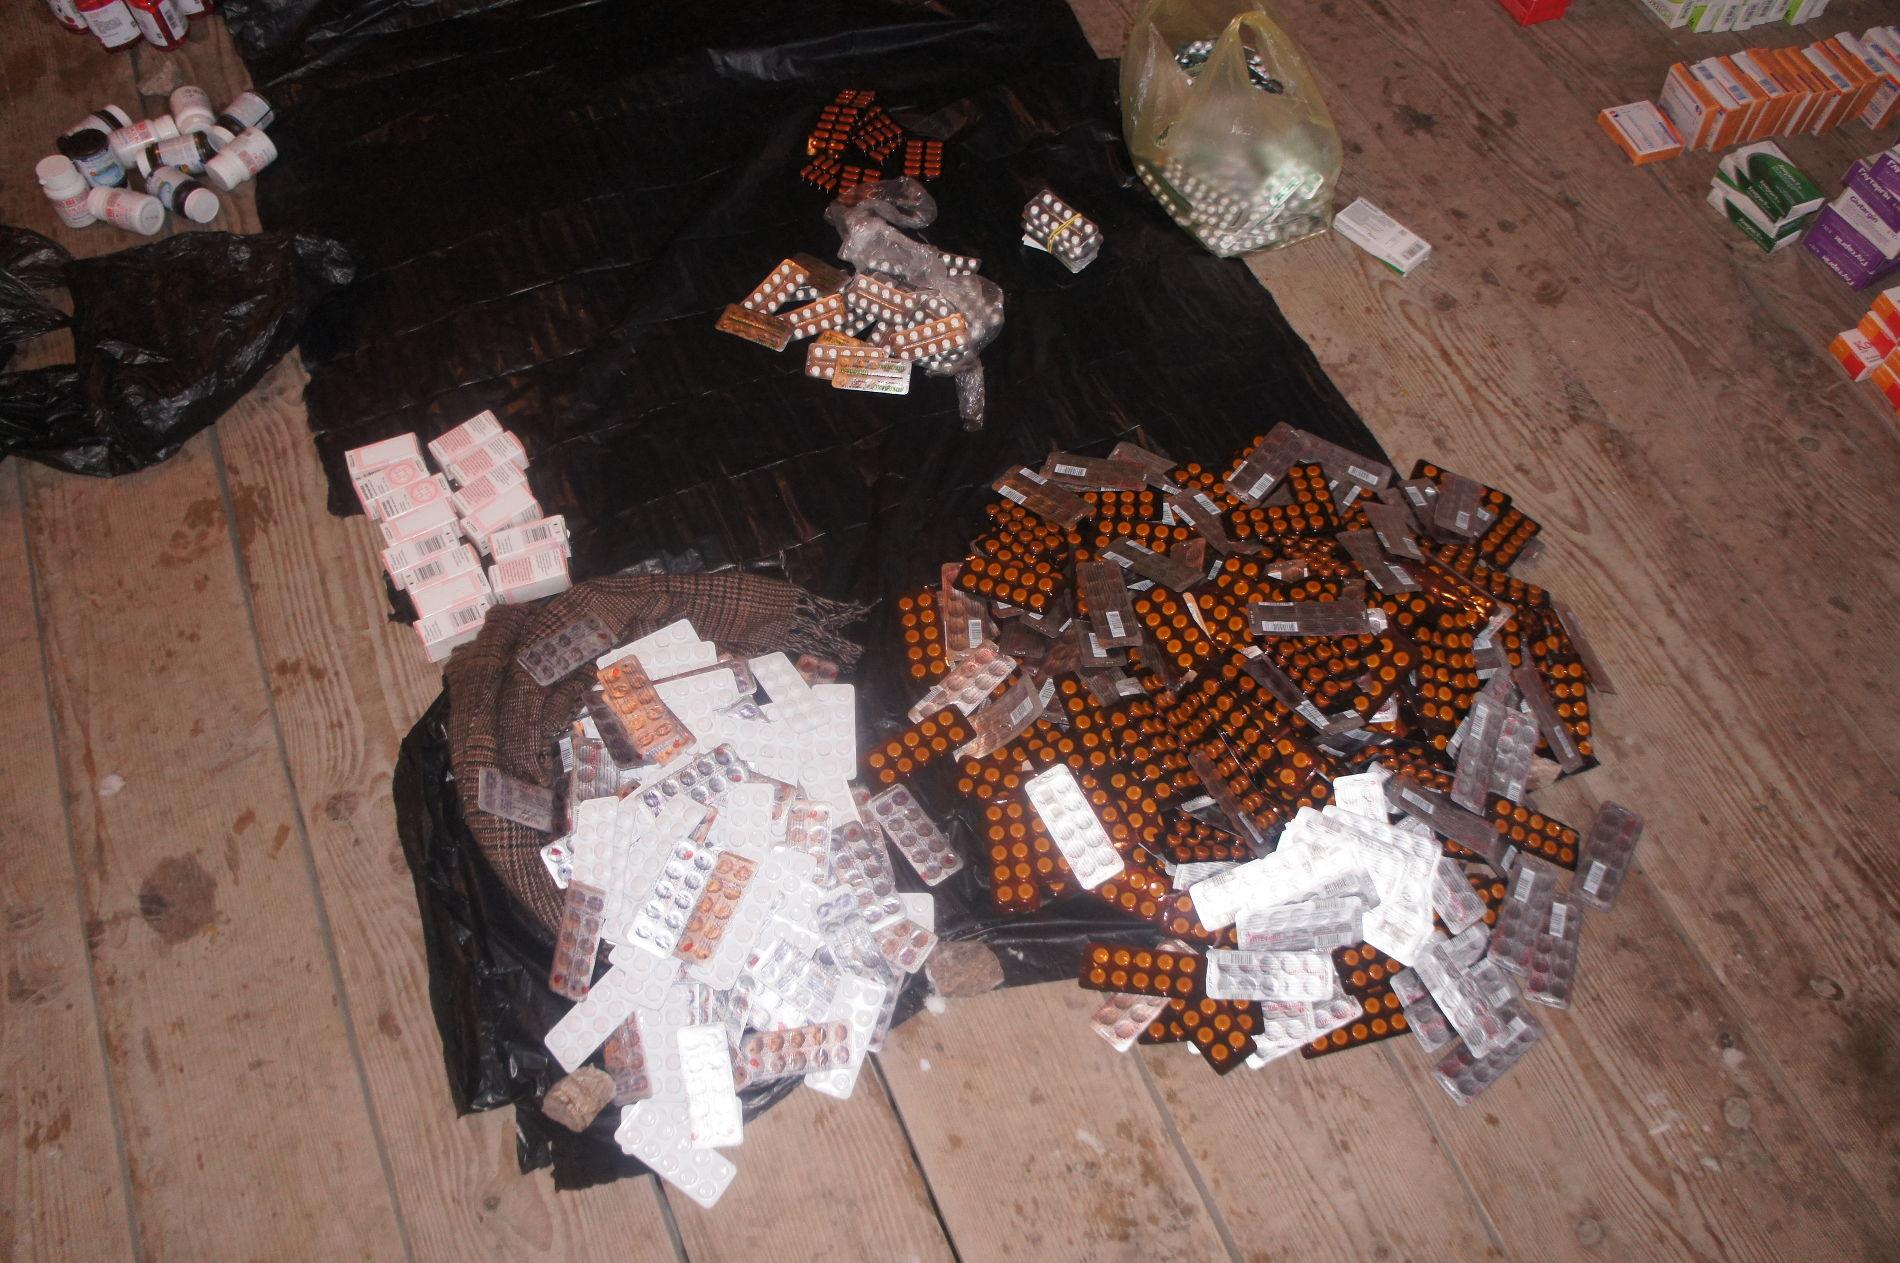 Навъезде вКрым задержали украинца с50кг контрабандных медикаментов